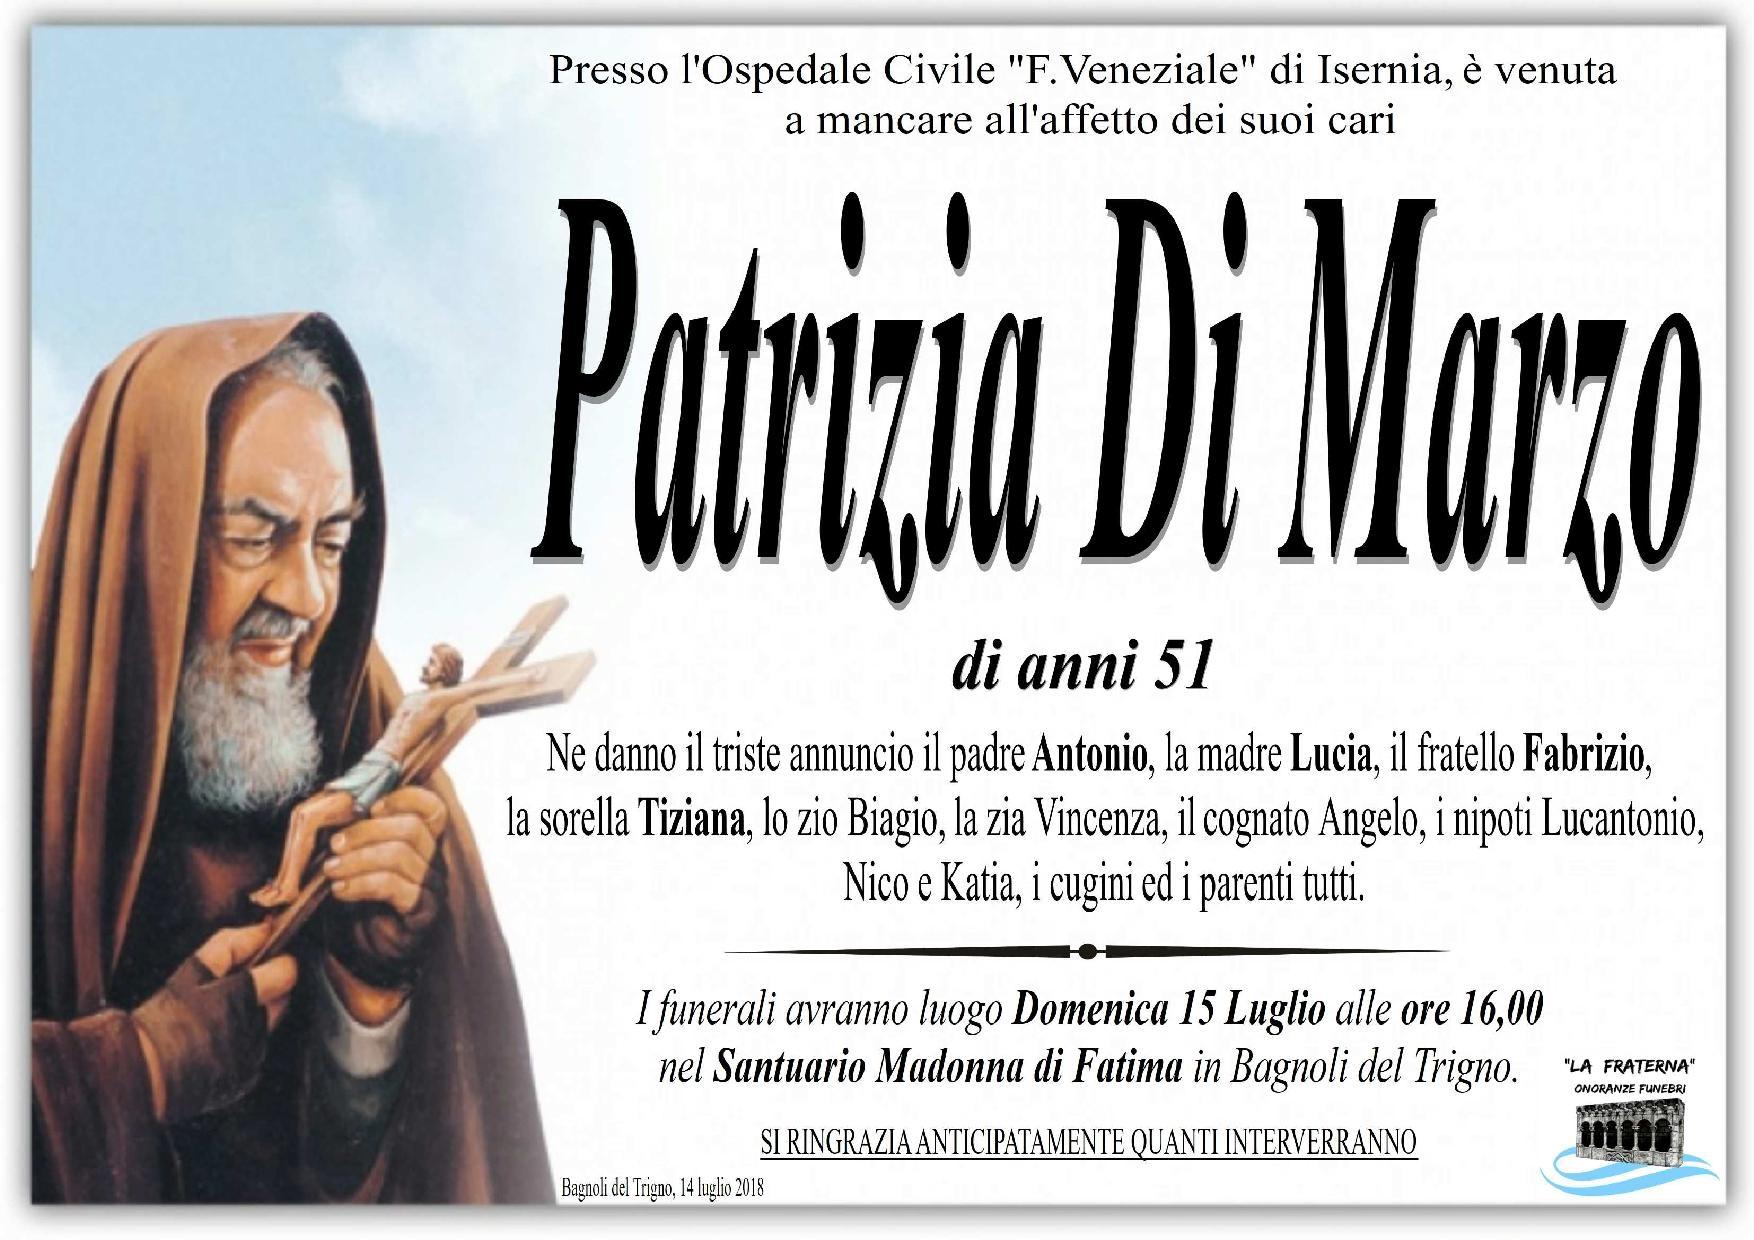 Patrizia Di Marzo – 14/07/2018 – Bagnoli del Trigno – Onoranze Funebri La Fraterna